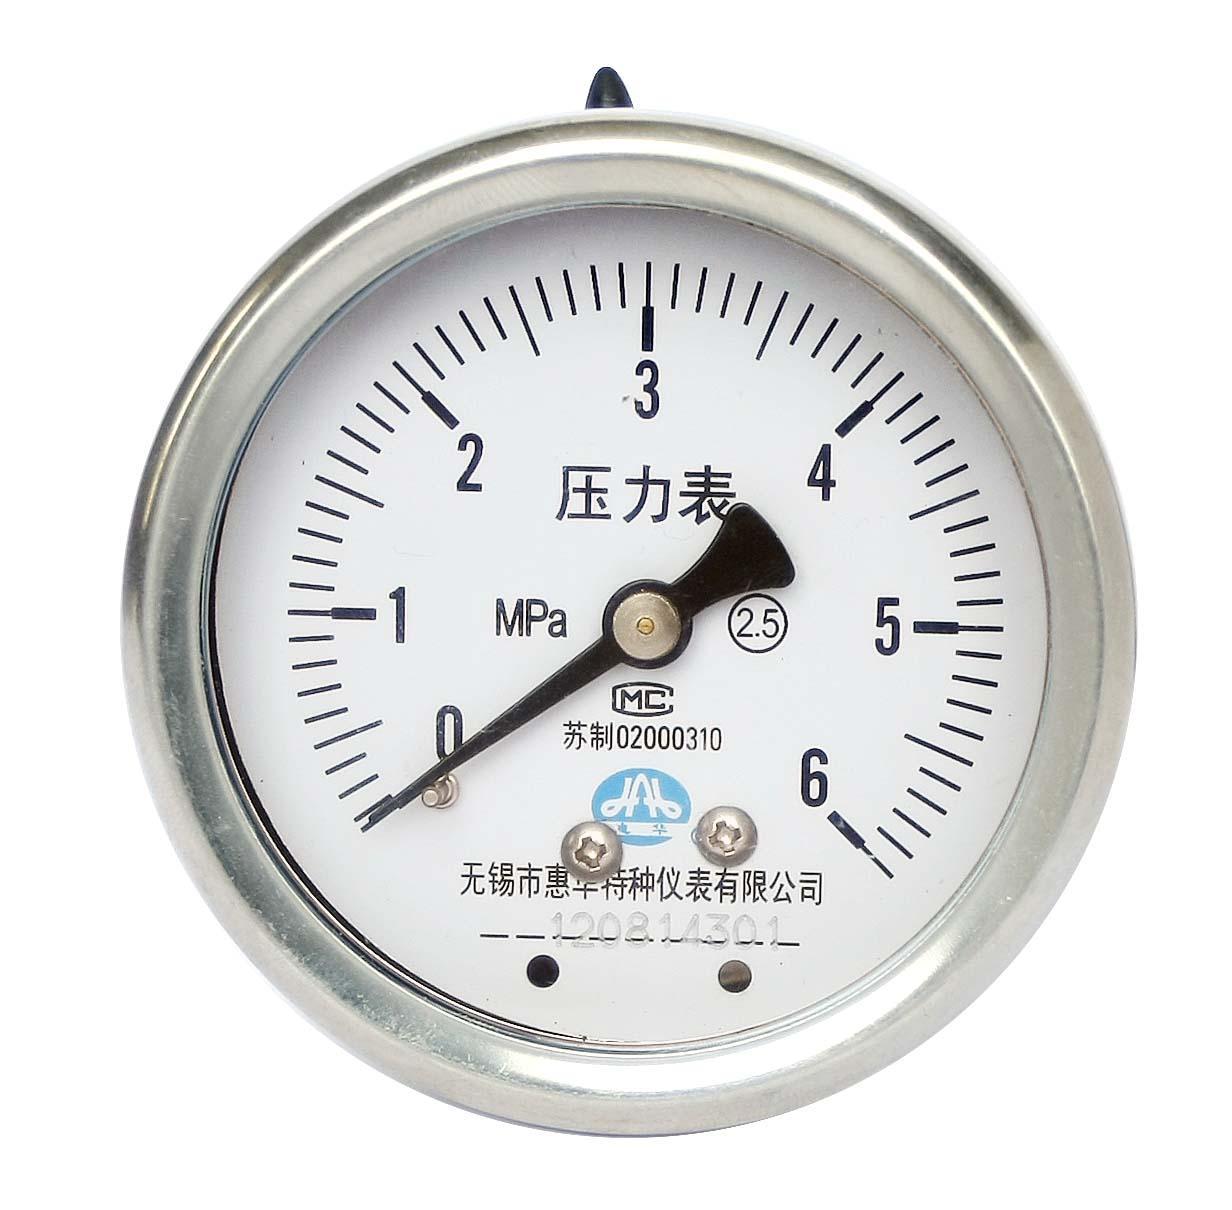 不锈钢压力表 不锈钢真空压力表 不锈钢弹簧管压力表 8